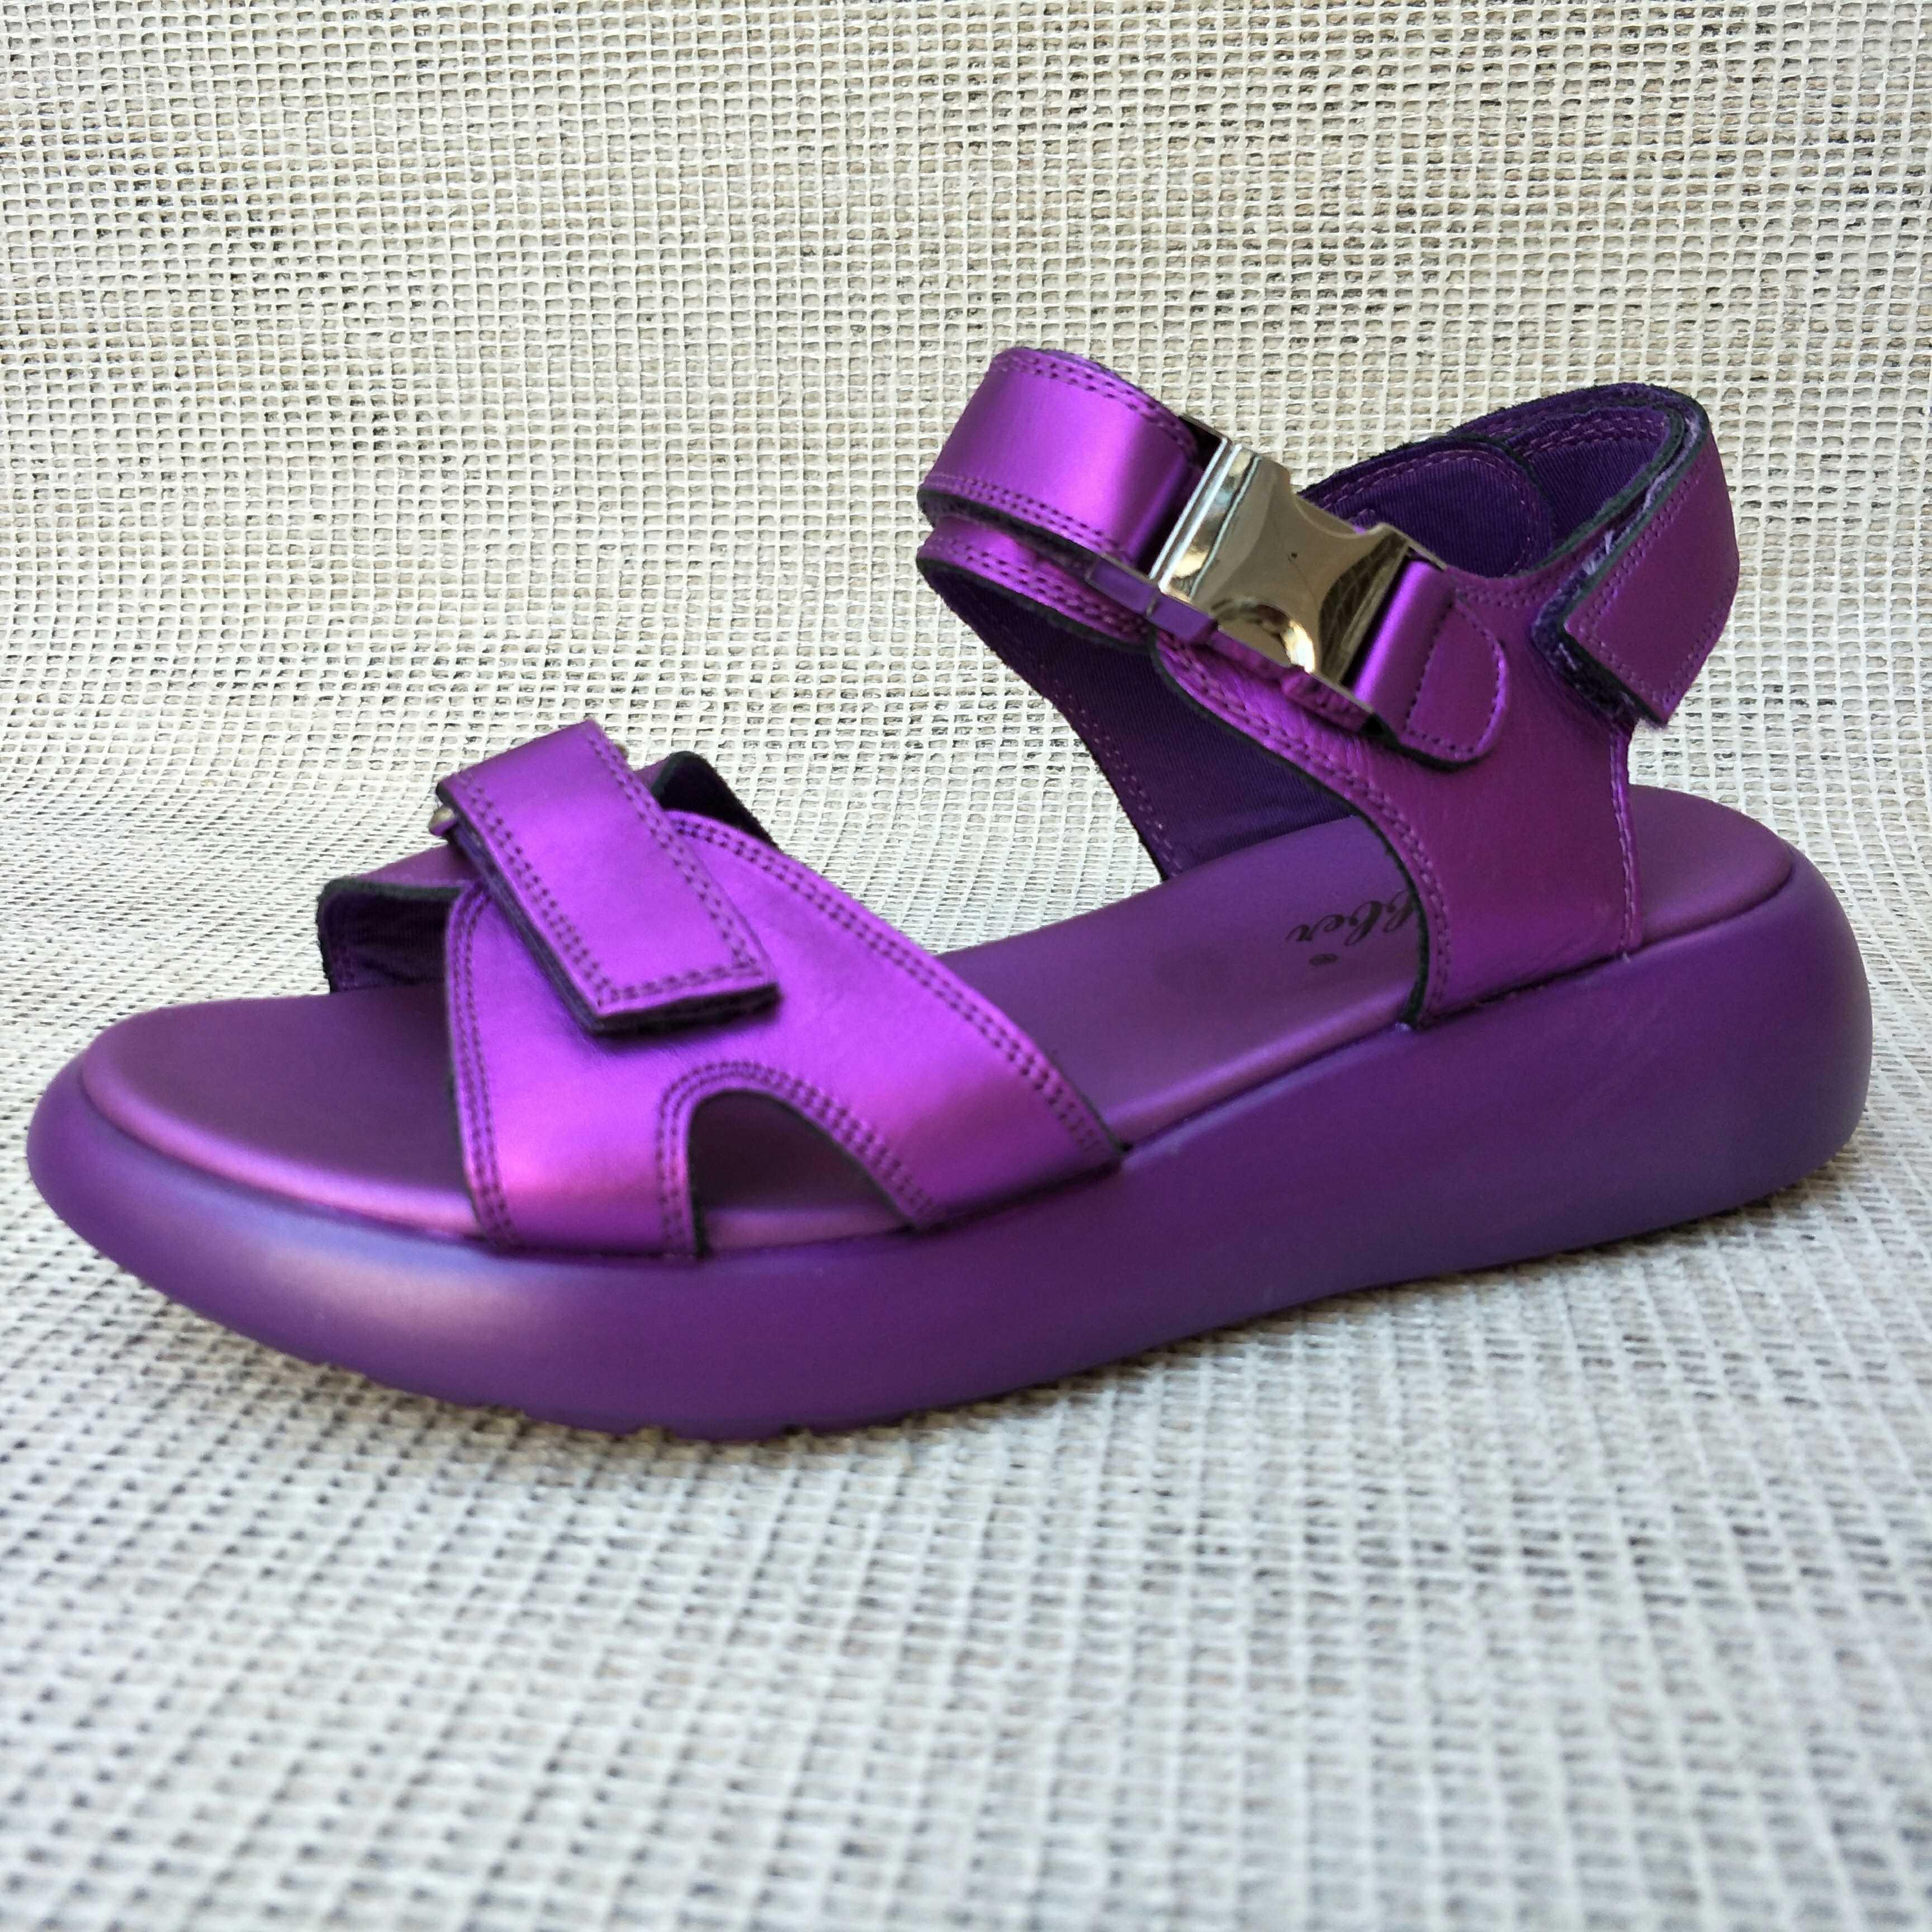 紫色鱼嘴鞋 2018凉鞋女夏真皮平底户外运动休闲断码特价露趾一字扣紫色沙滩鞋_推荐淘宝好看的紫色鱼嘴鞋